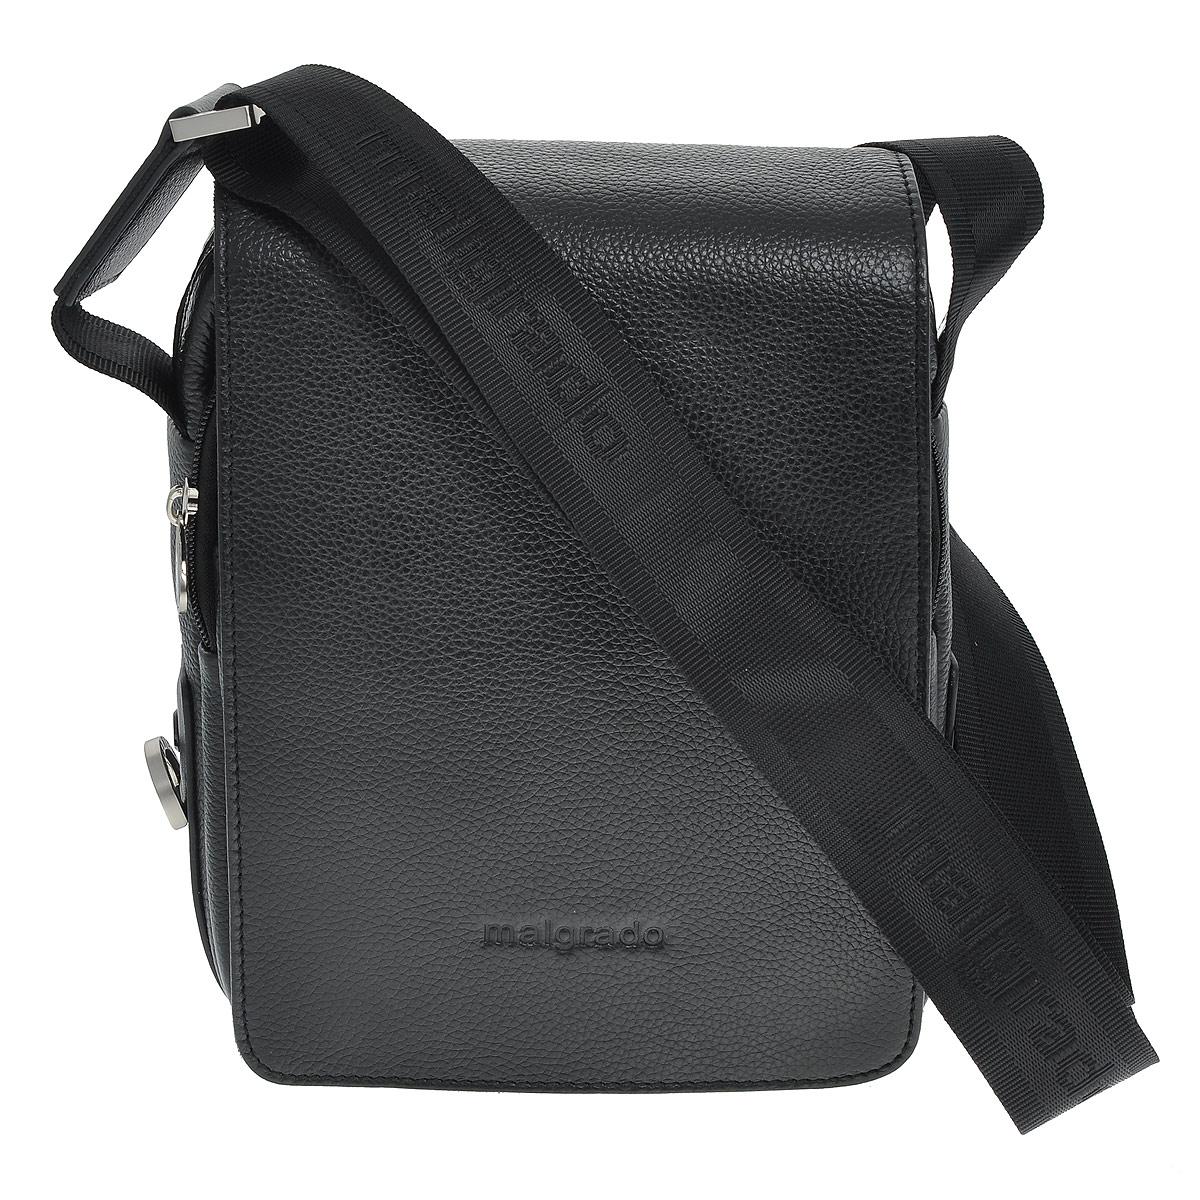 Сумка мужская Malgrado, цвет: черный. BR10-468 blackBR10-468 blackМужская сумка Malgrado выполнена из натуральной кожи черного цвета. Сумка состоит из одного отделения, закрывающегося на застежку-молнию и сверху широким клапаном на магниты. Внутри отделения - открытый накладной карман, вшитый карман на молнии, два накладных кармашка для мелочей и два фиксатора для пишущих принадлежностей. Под клапаном предусмотрен карман на молнии и открытый накладной карман для бумаг и документов. На лицевой стороне, на задней стенке сумки расположен глубокий карман для бумаг на молнии. Сумка оснащена актуальной ручкой-лентой регулируемой длины. Сегодня мужская сумка - необходимый аксессуар для современного мужчины.